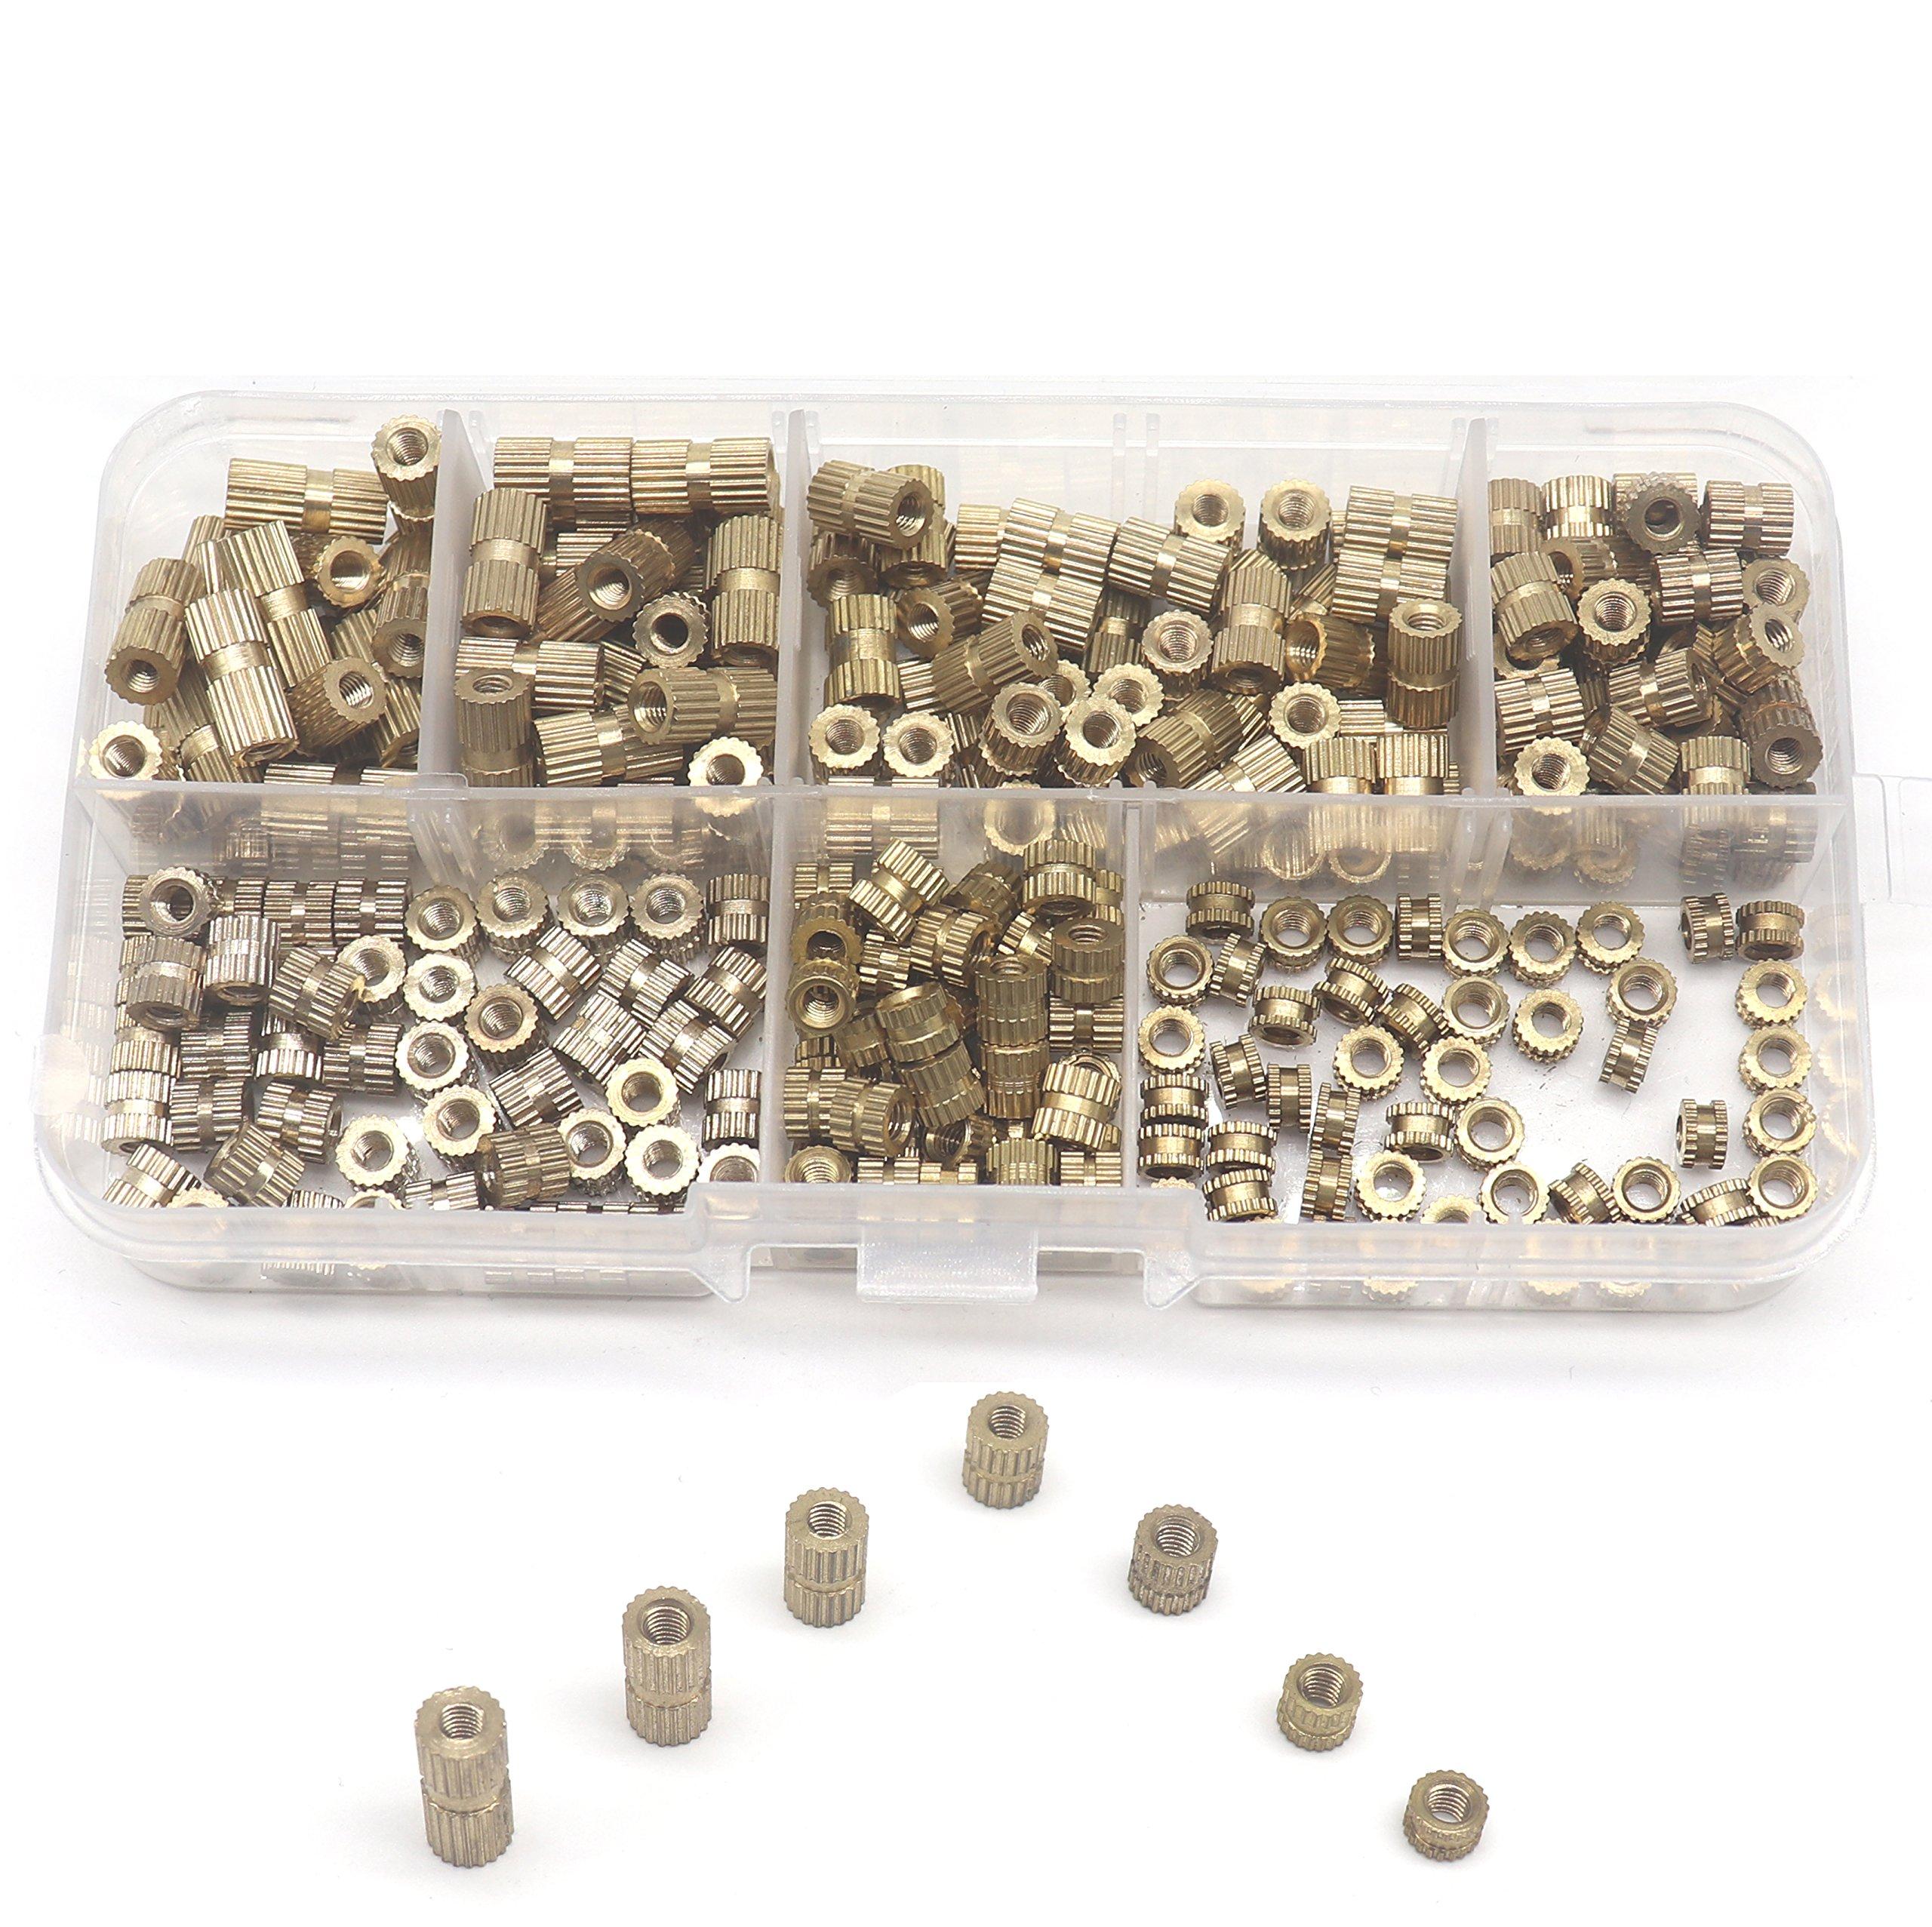 binifiMux 250pcs M3 Female Brass Thread Insertd Knurled Nuts Assortment Kit, Embedment Nuts by binifiMux